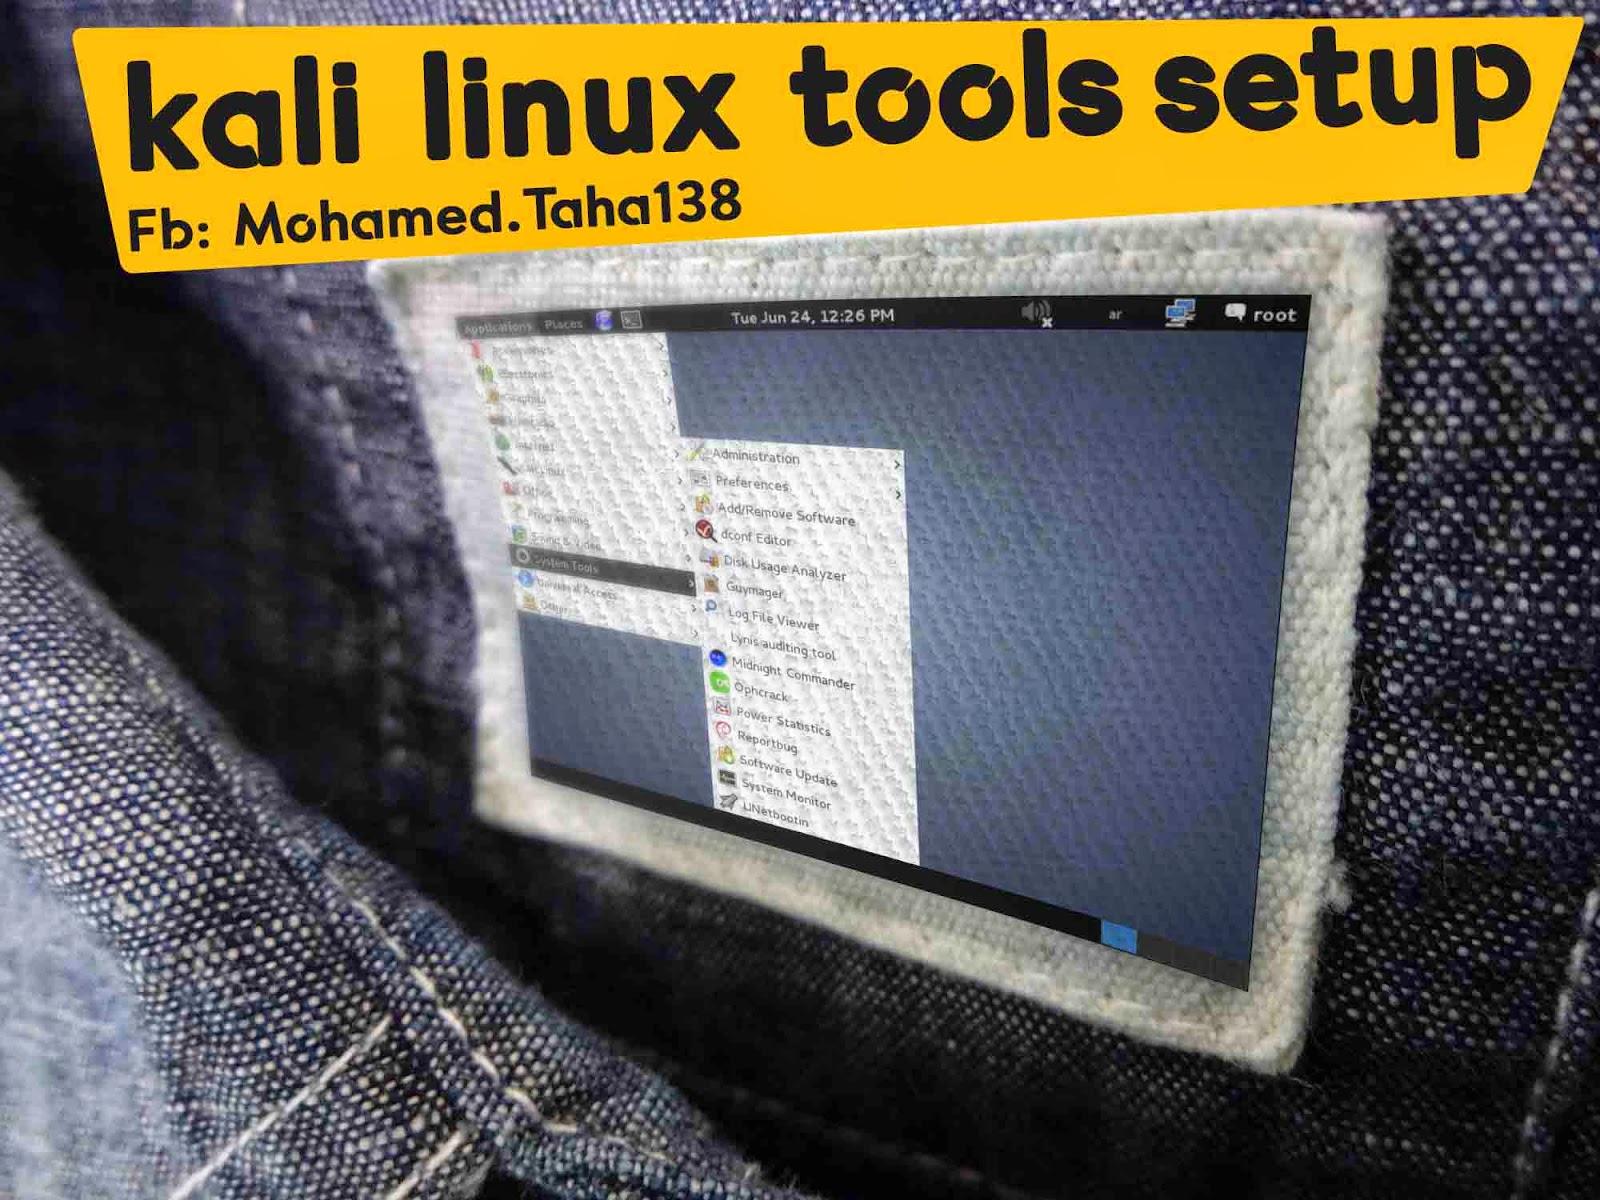 شرح تثبيت أدوات kali linux